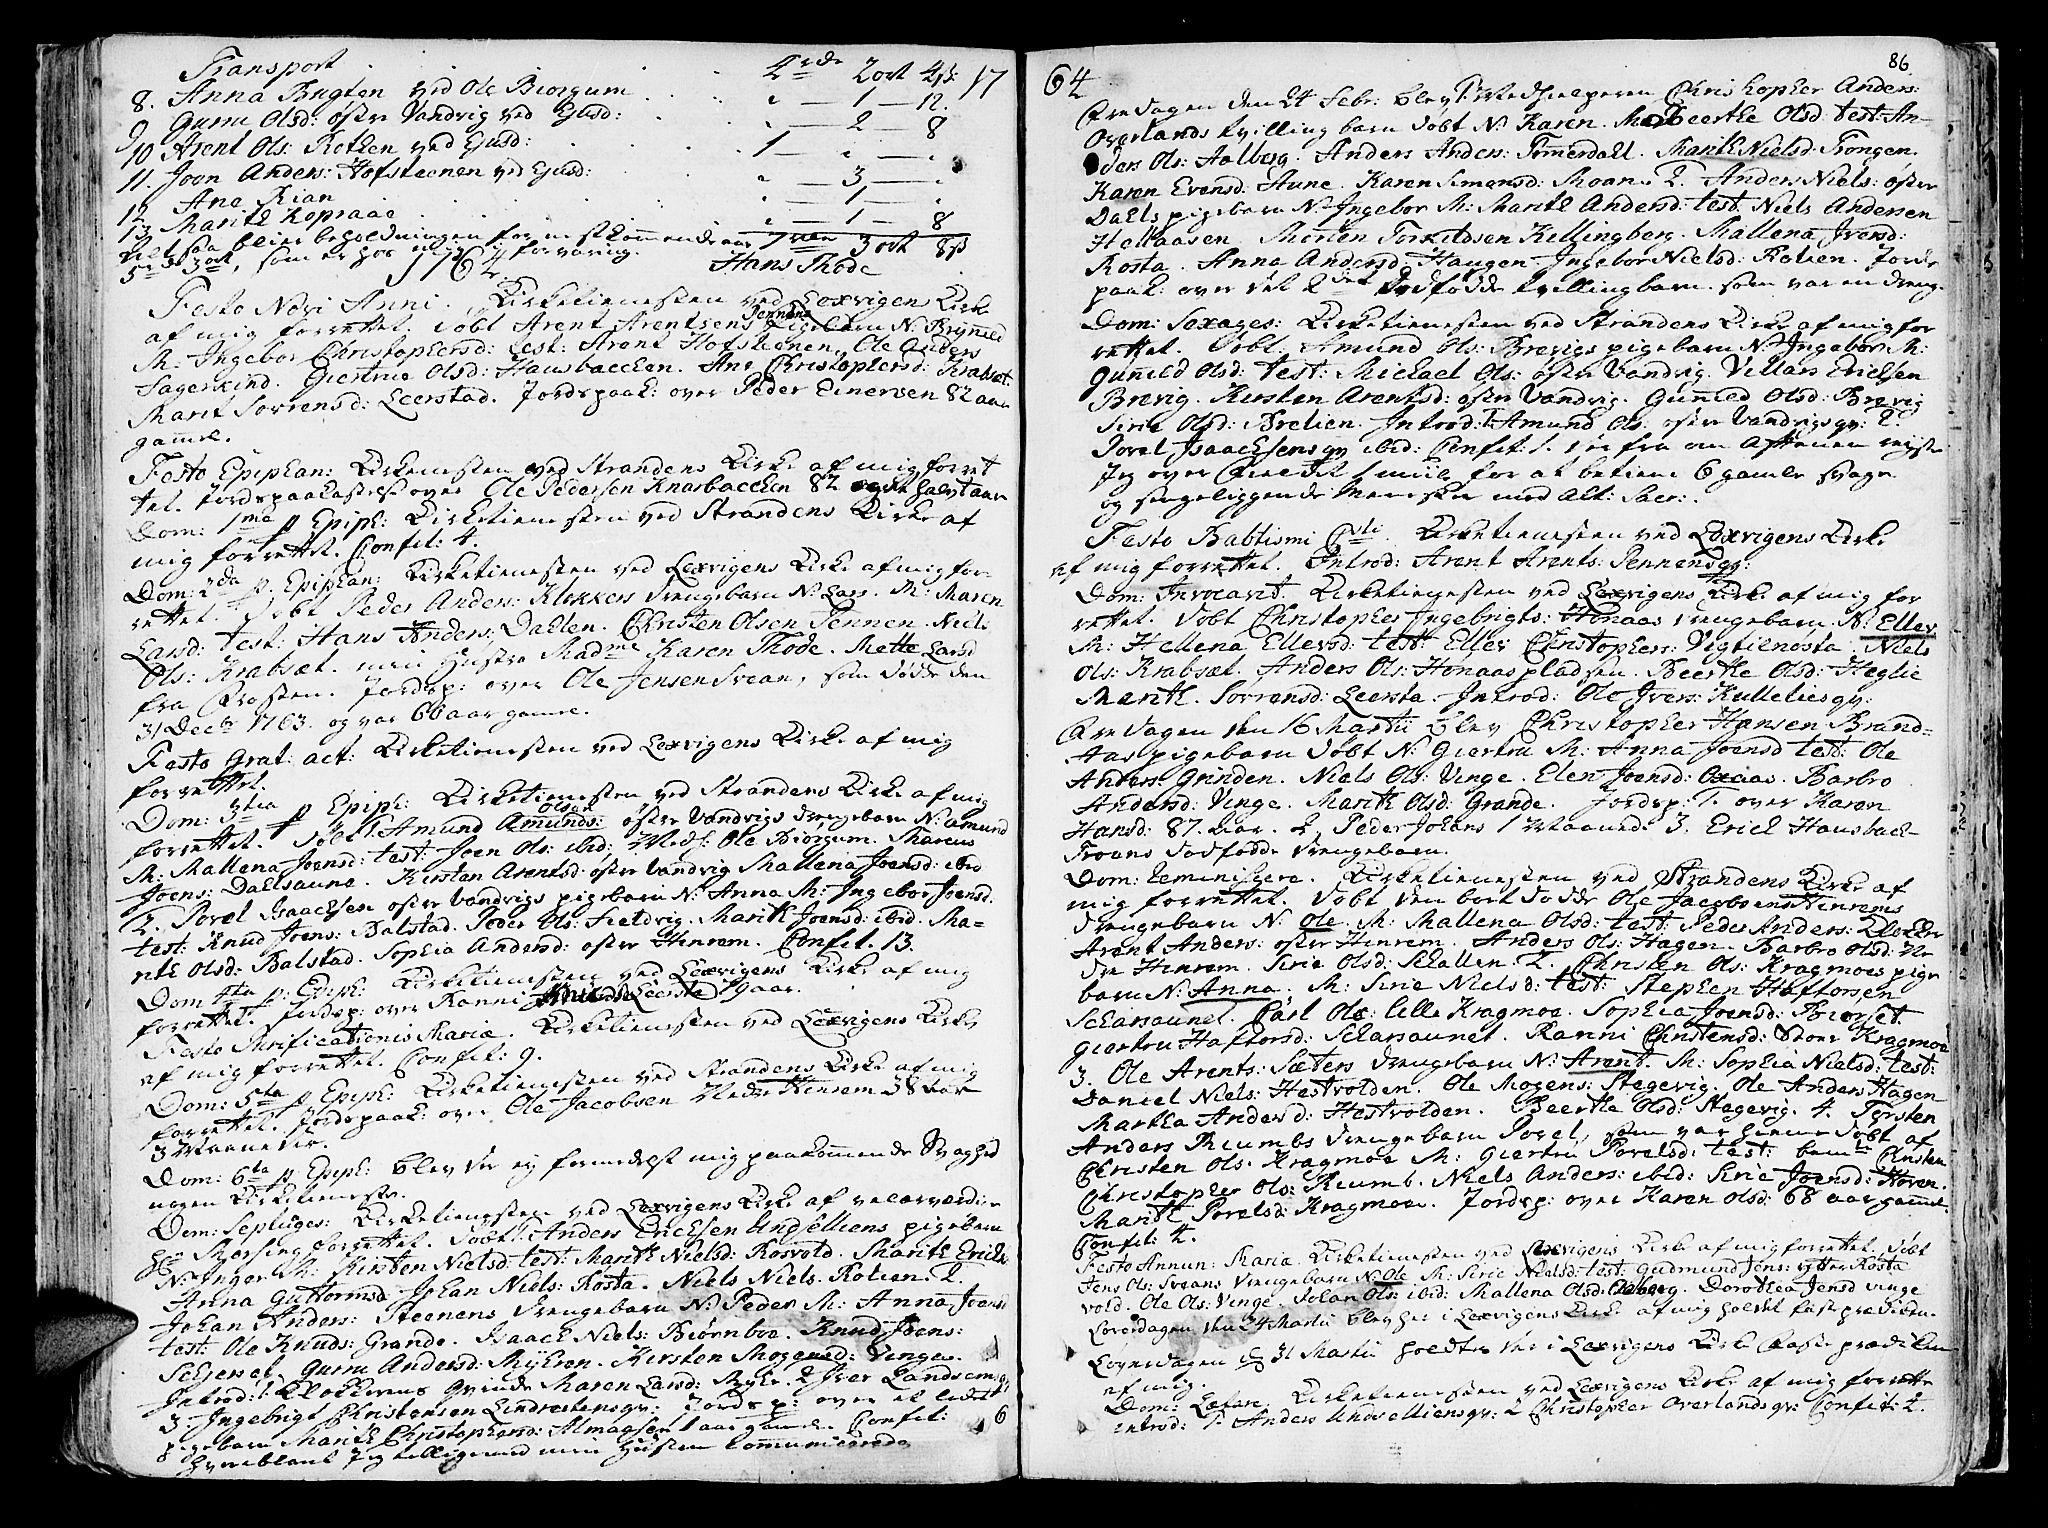 SAT, Ministerialprotokoller, klokkerbøker og fødselsregistre - Nord-Trøndelag, 701/L0003: Ministerialbok nr. 701A03, 1751-1783, s. 86